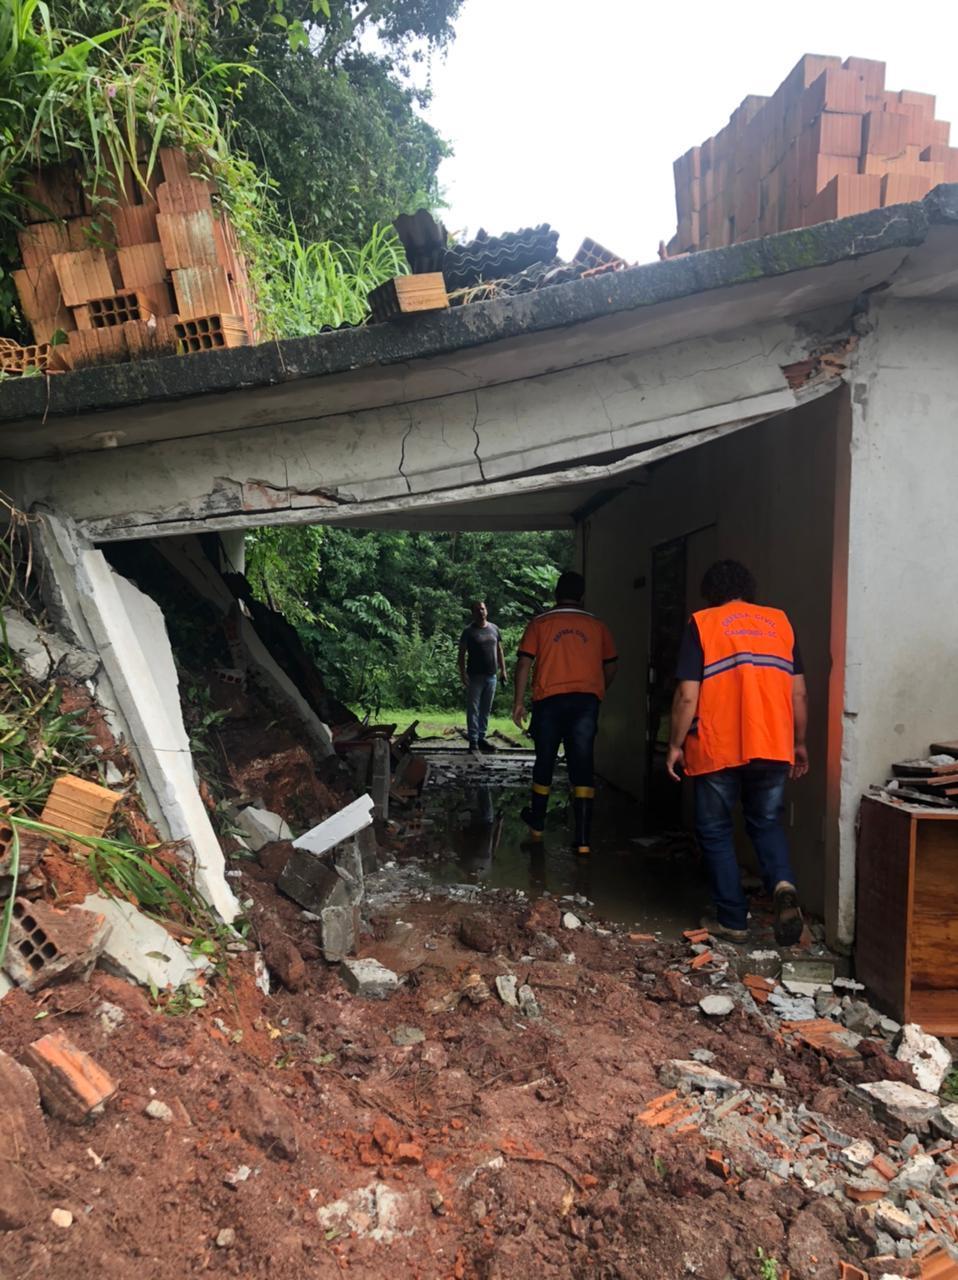 Volume de terra caiu sobre garagem de casa em Camboriú, ninguém se feriu - Secom Camboriú/Divulgação